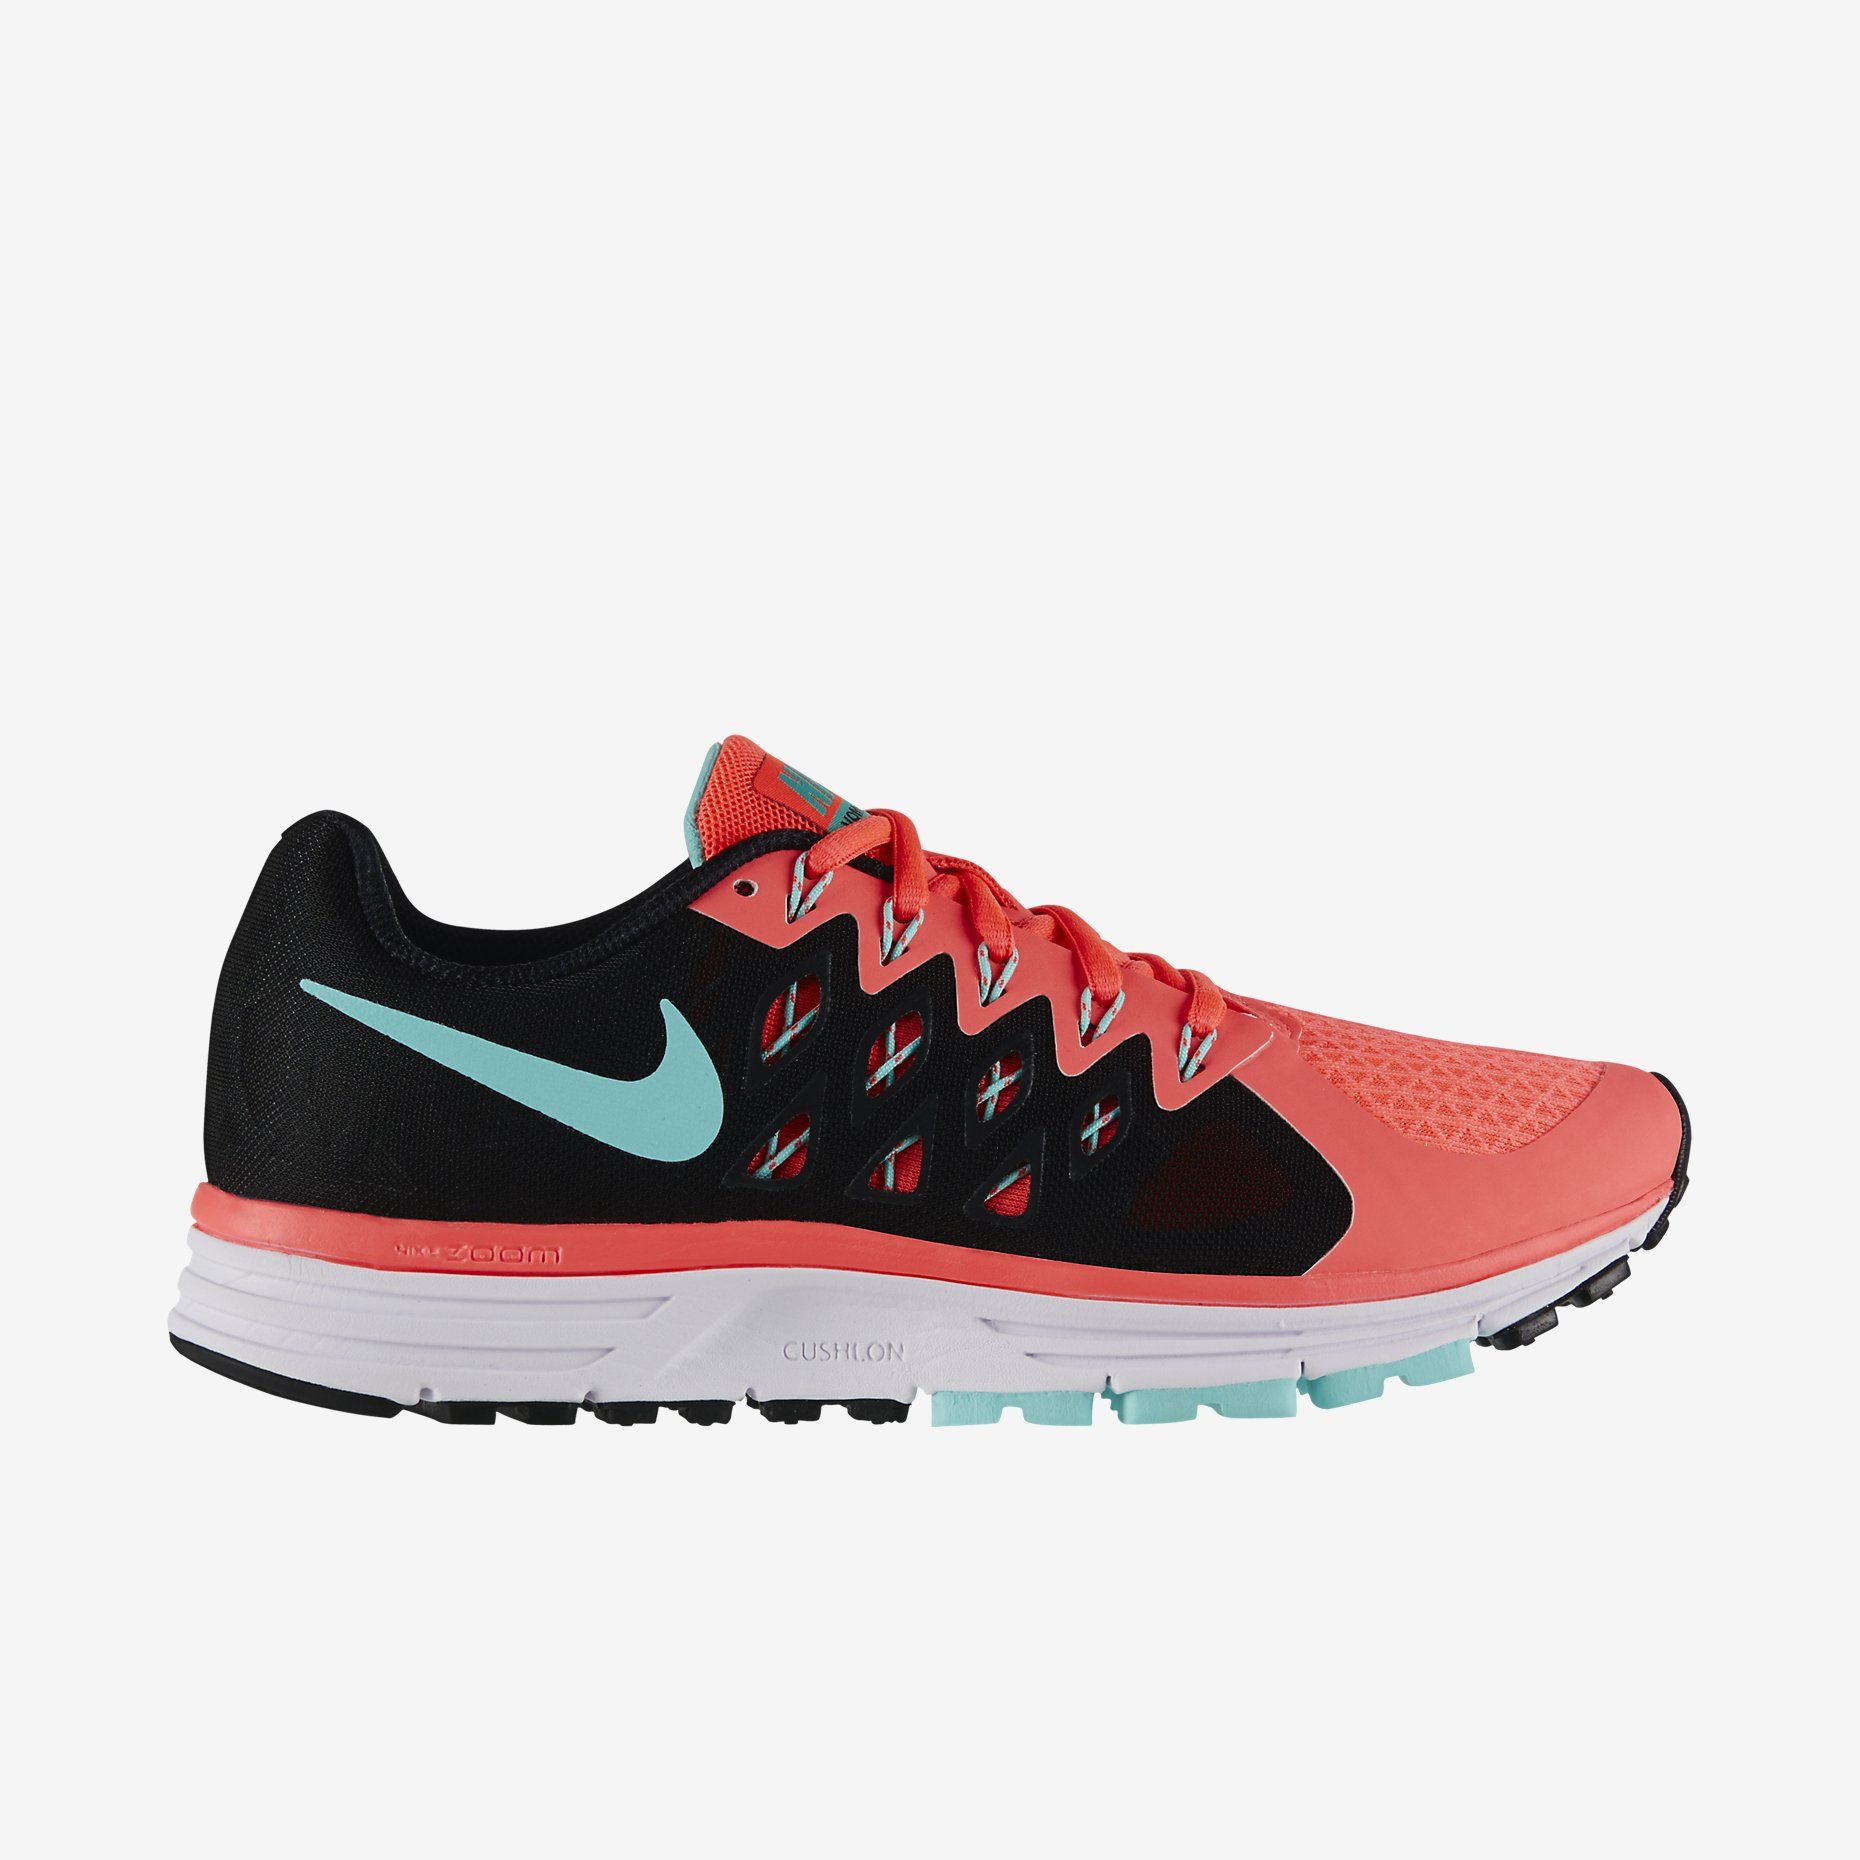 Nike Vomero 8 Orange & Black Athletic Shoes Size 10